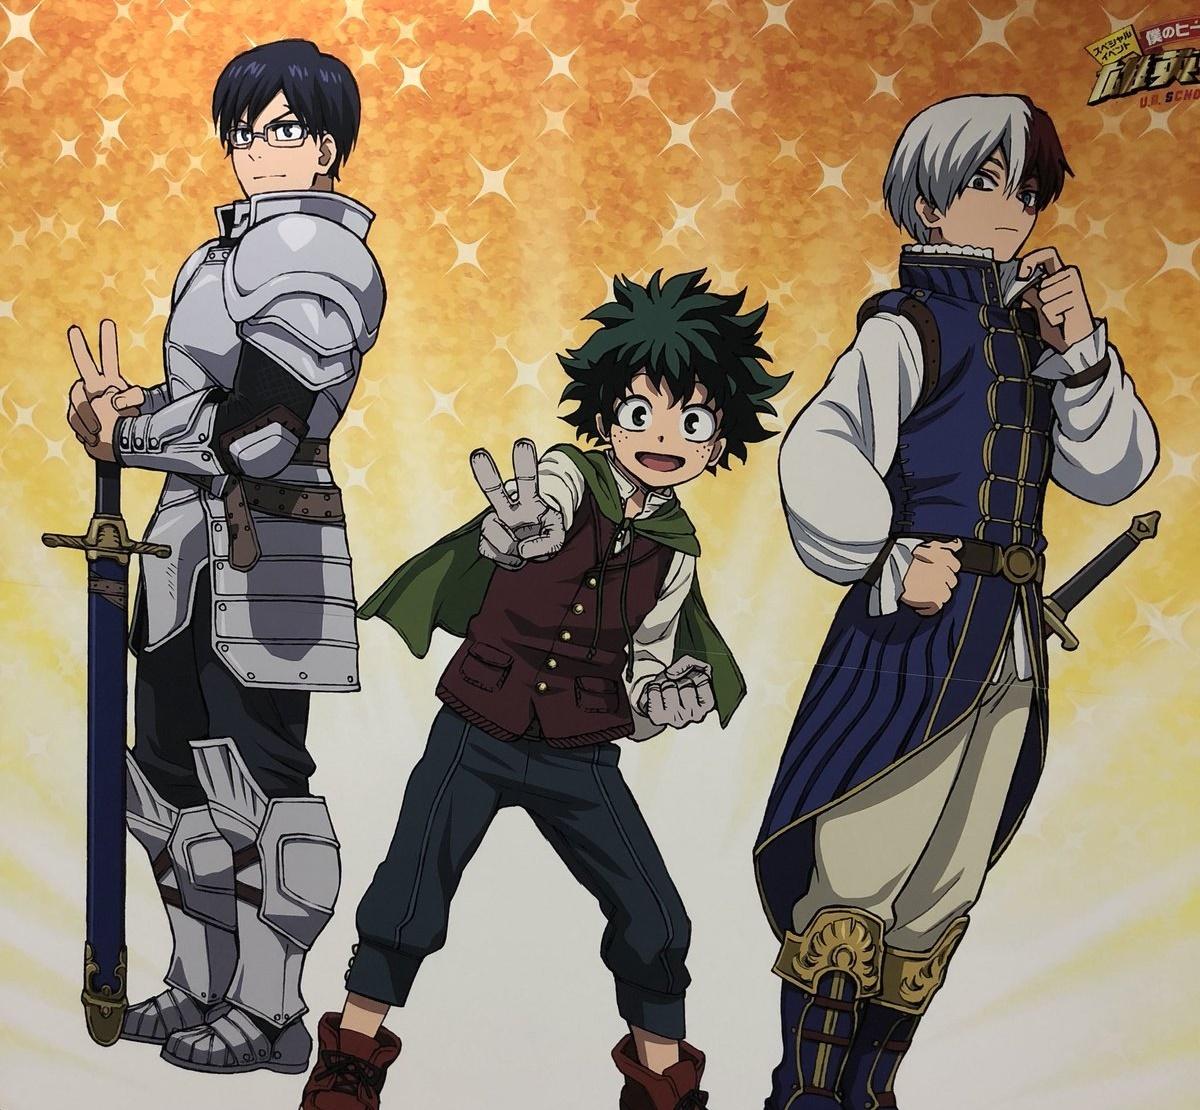 Boku no Hero Academia (My Hero Academia) Image #2220178 ...